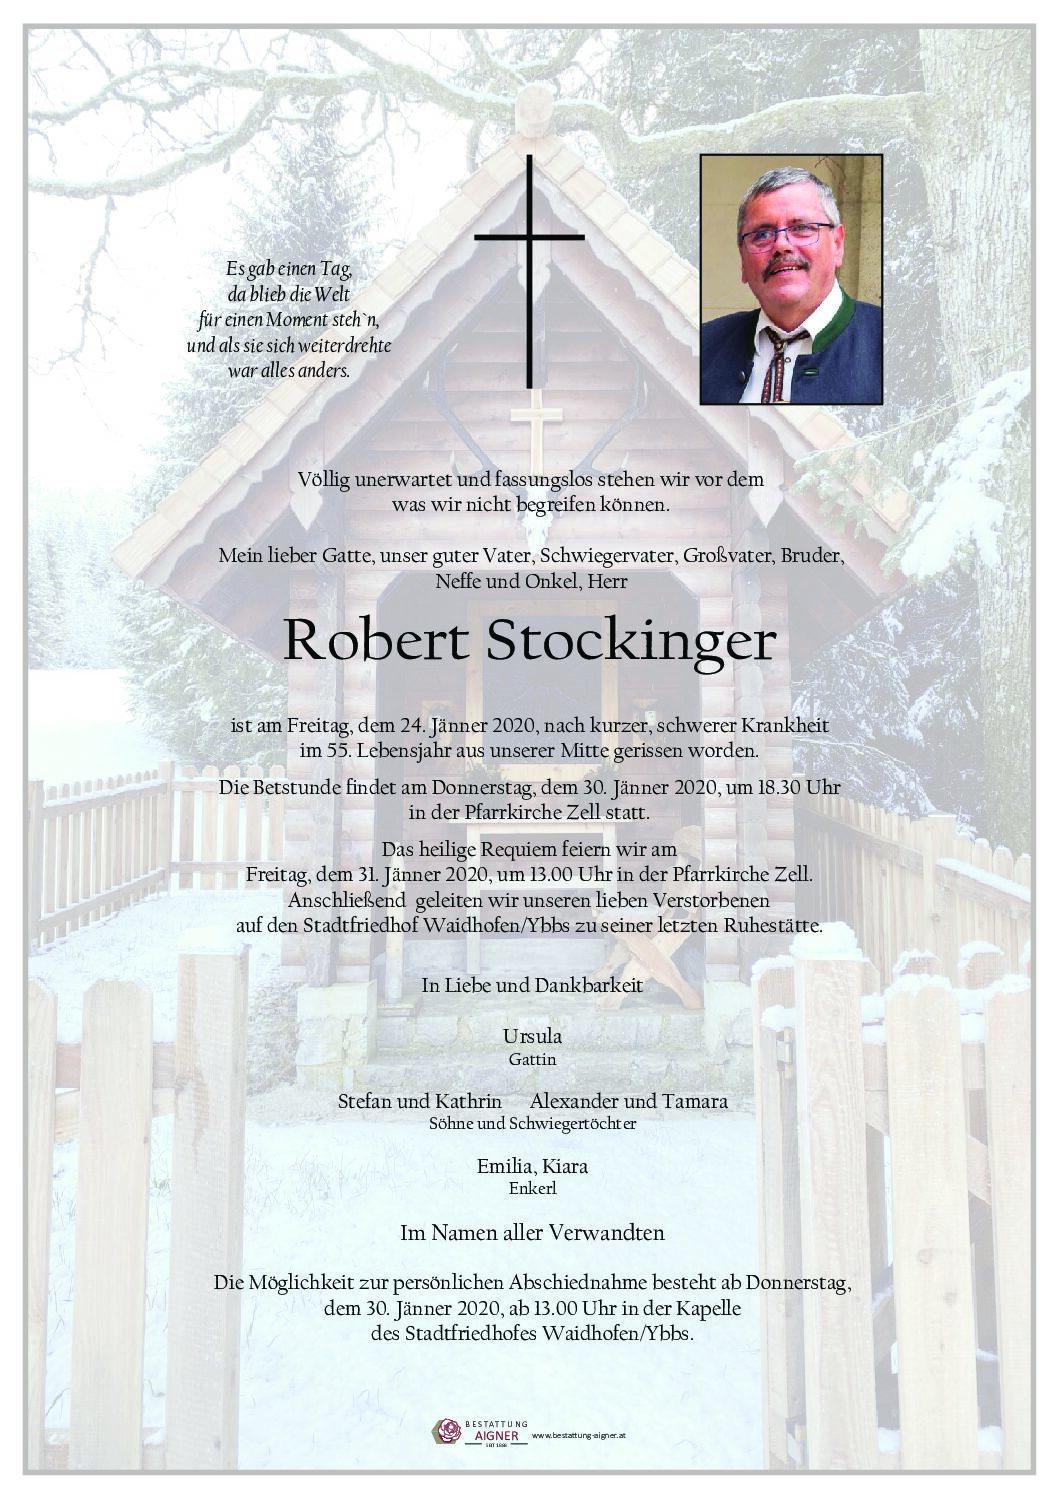 Robert Stockinger